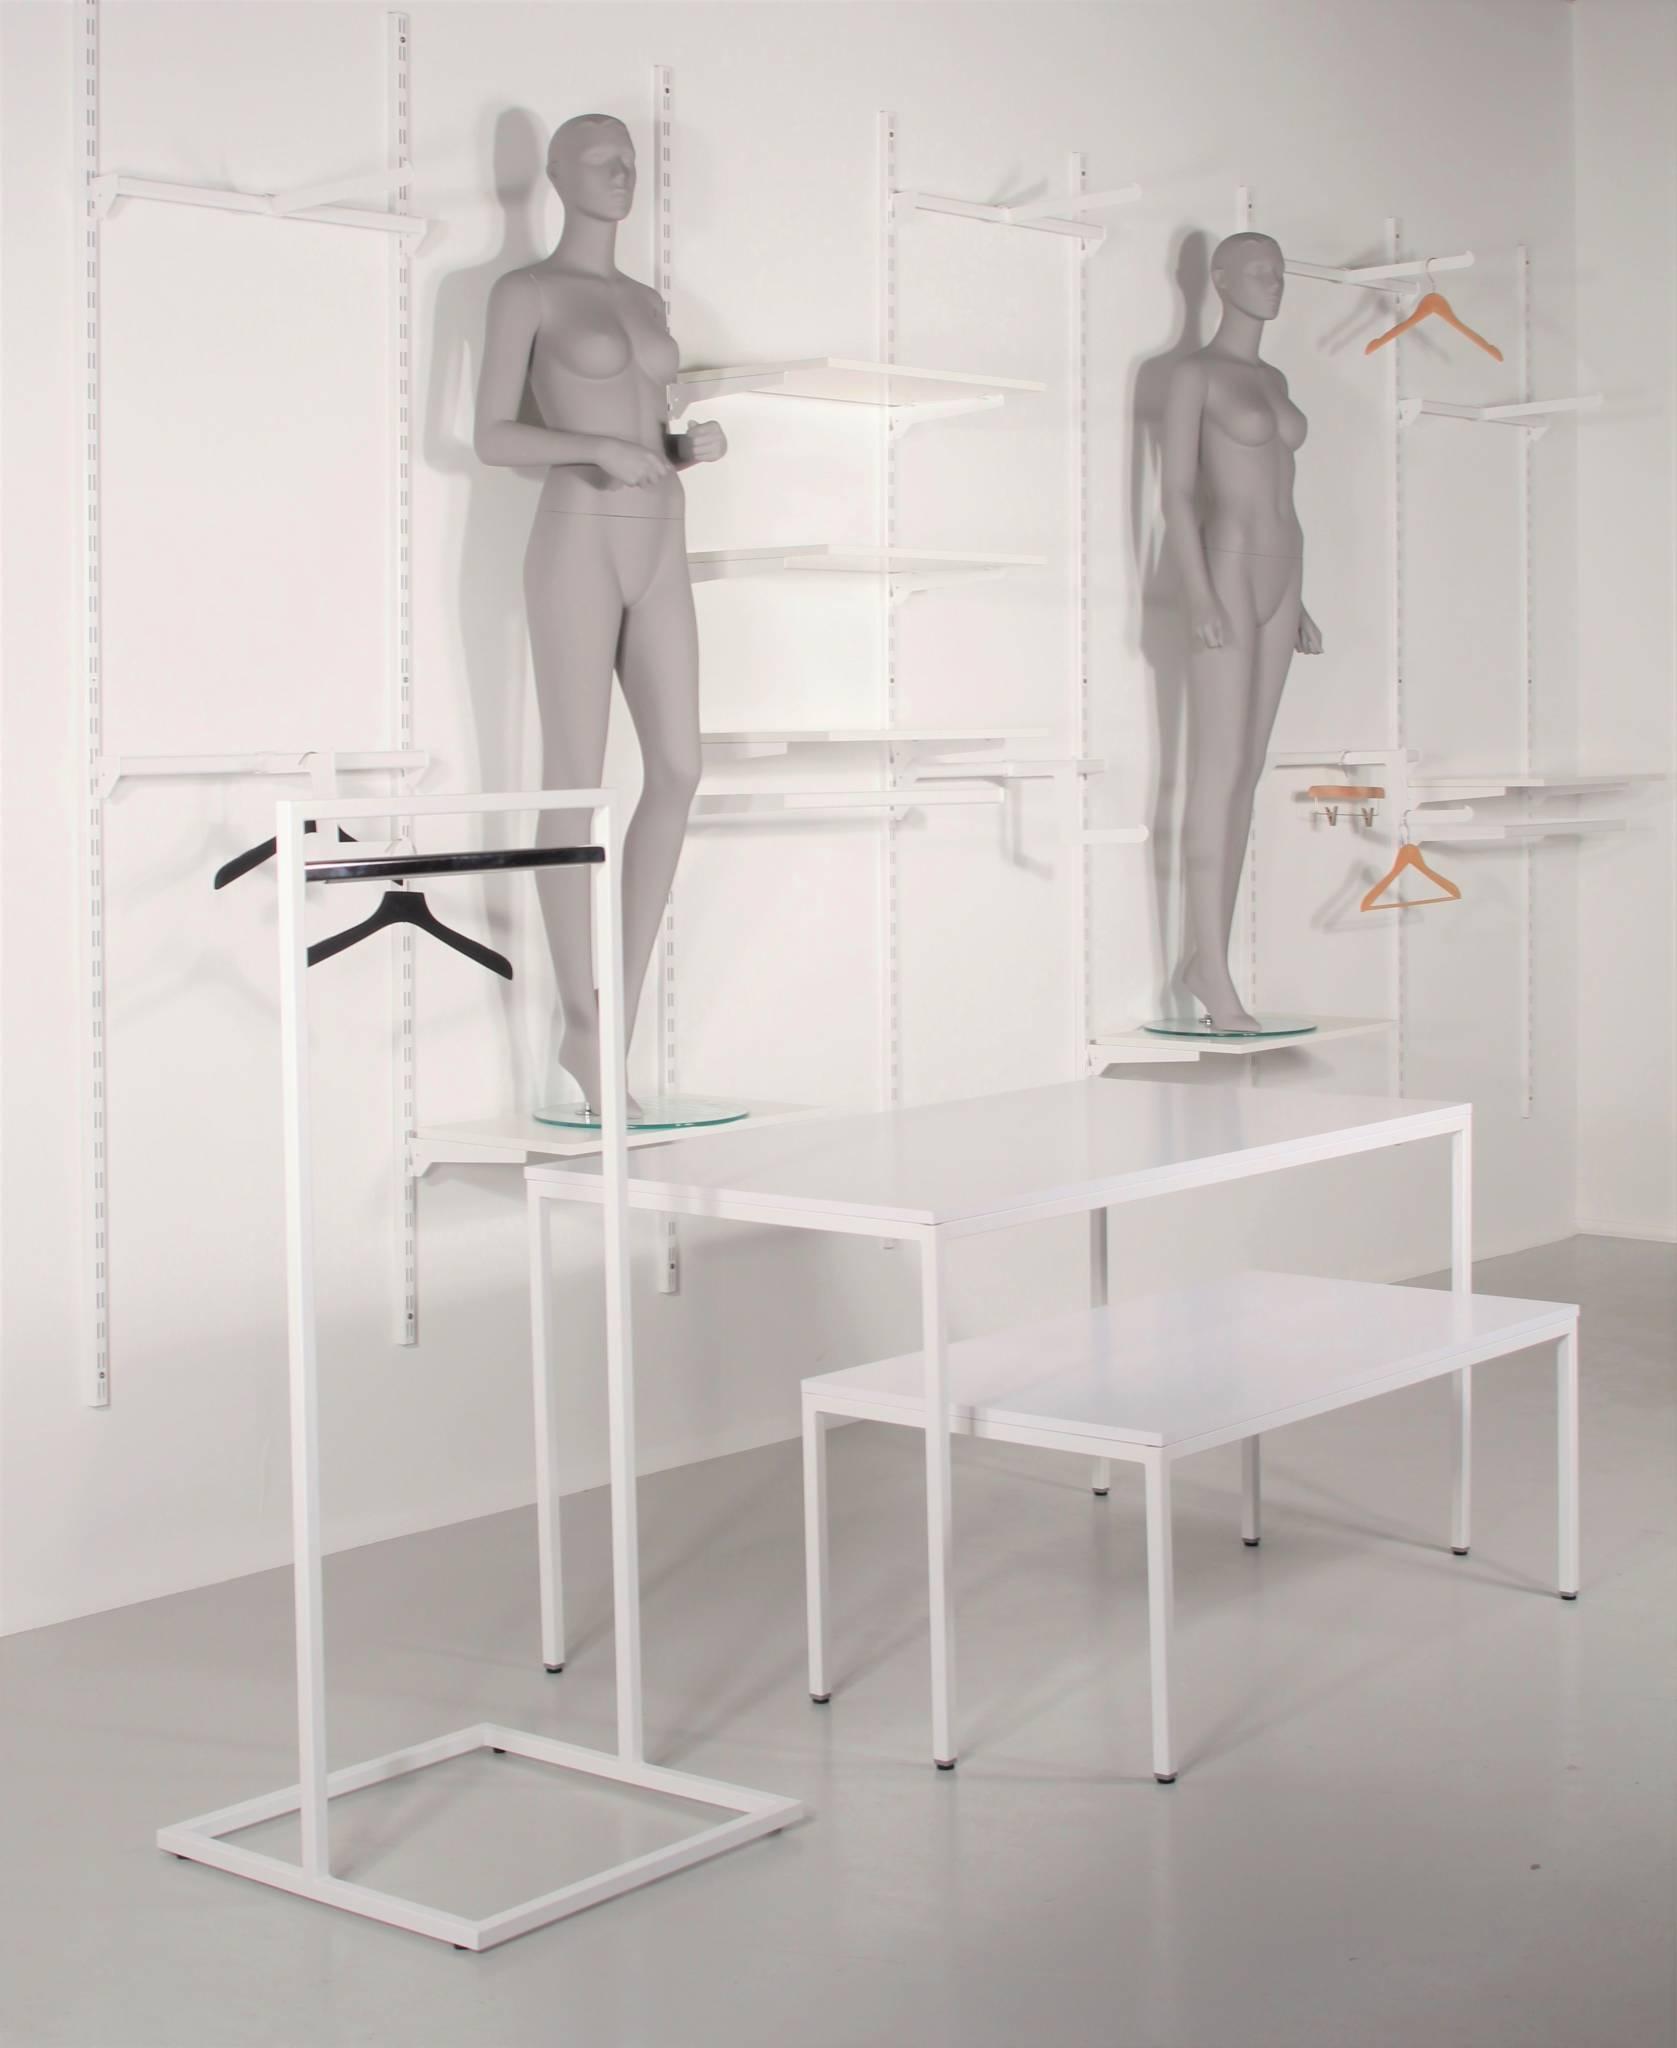 Hvidt butiksinventar til attraktive priser.